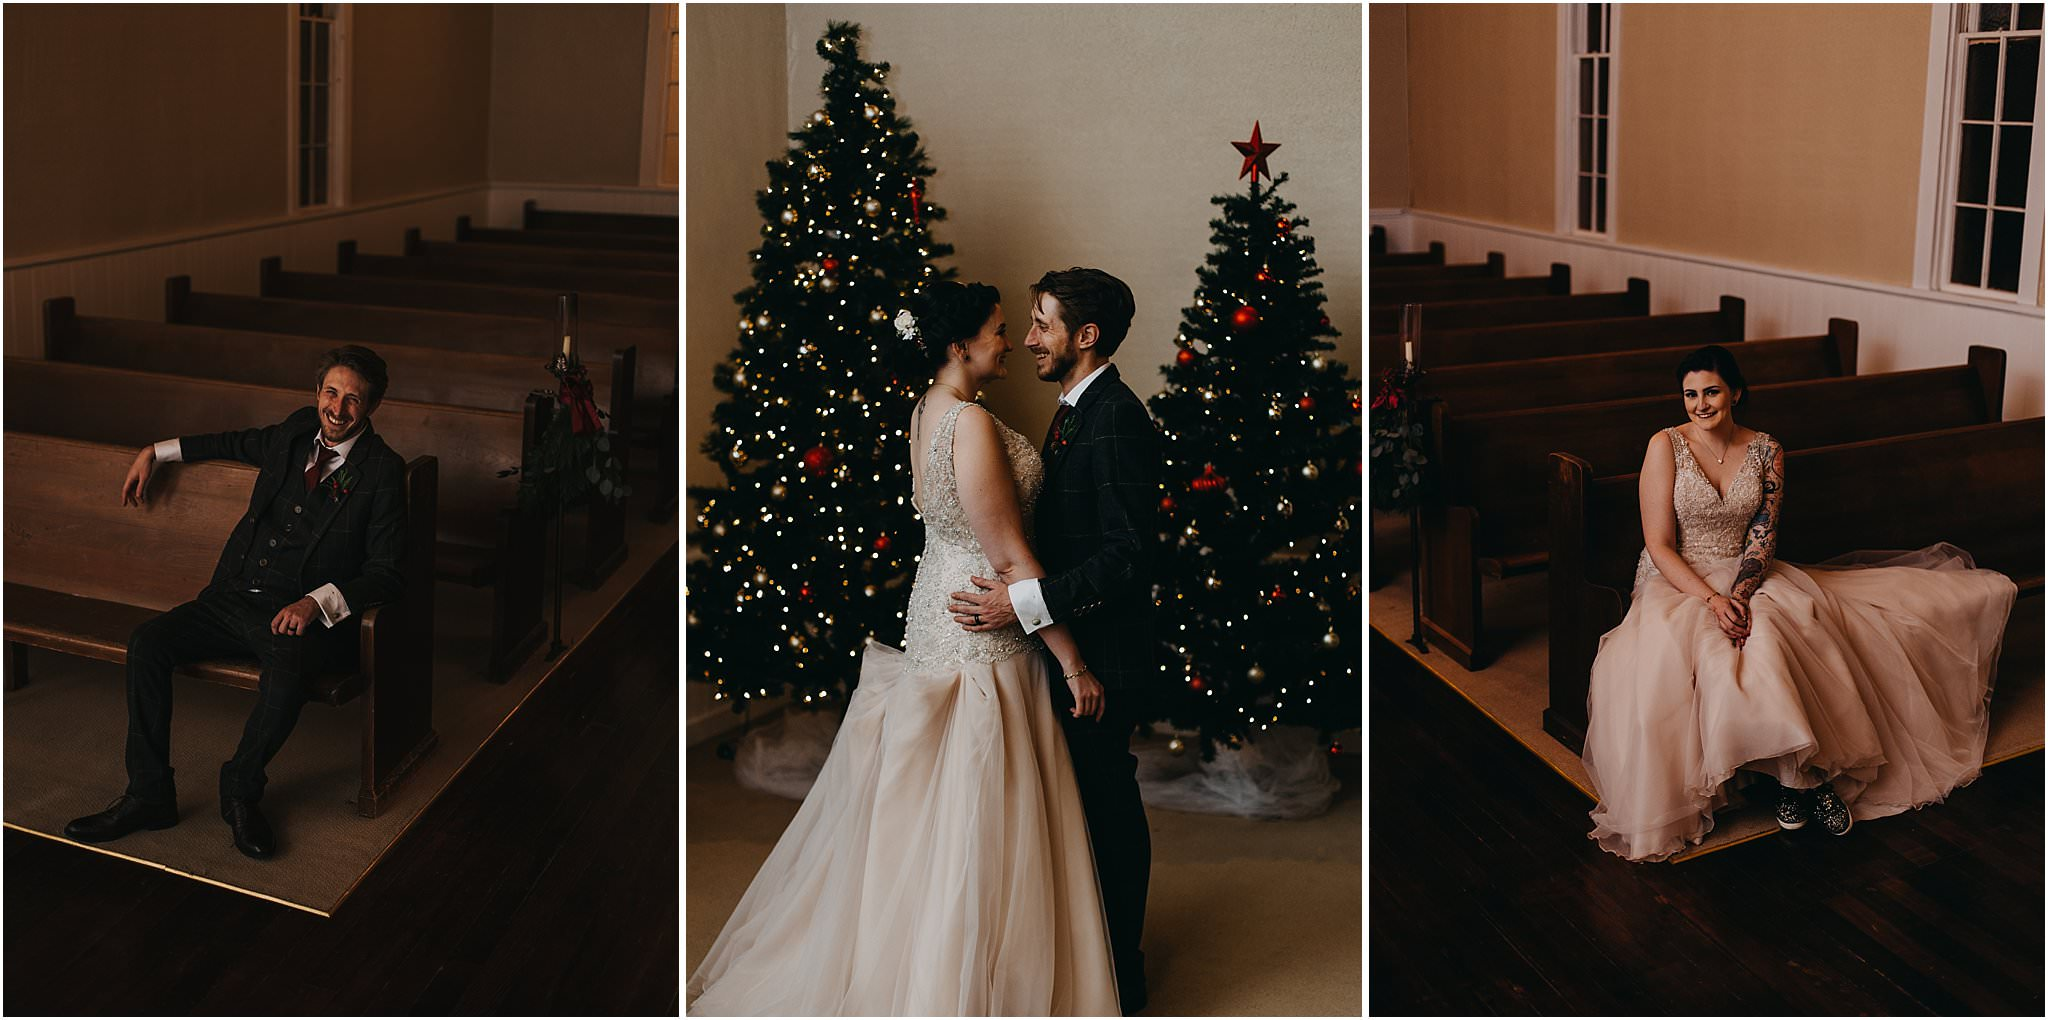 sarah-and-daves-downtown-snohomish-wedding-34.jpg